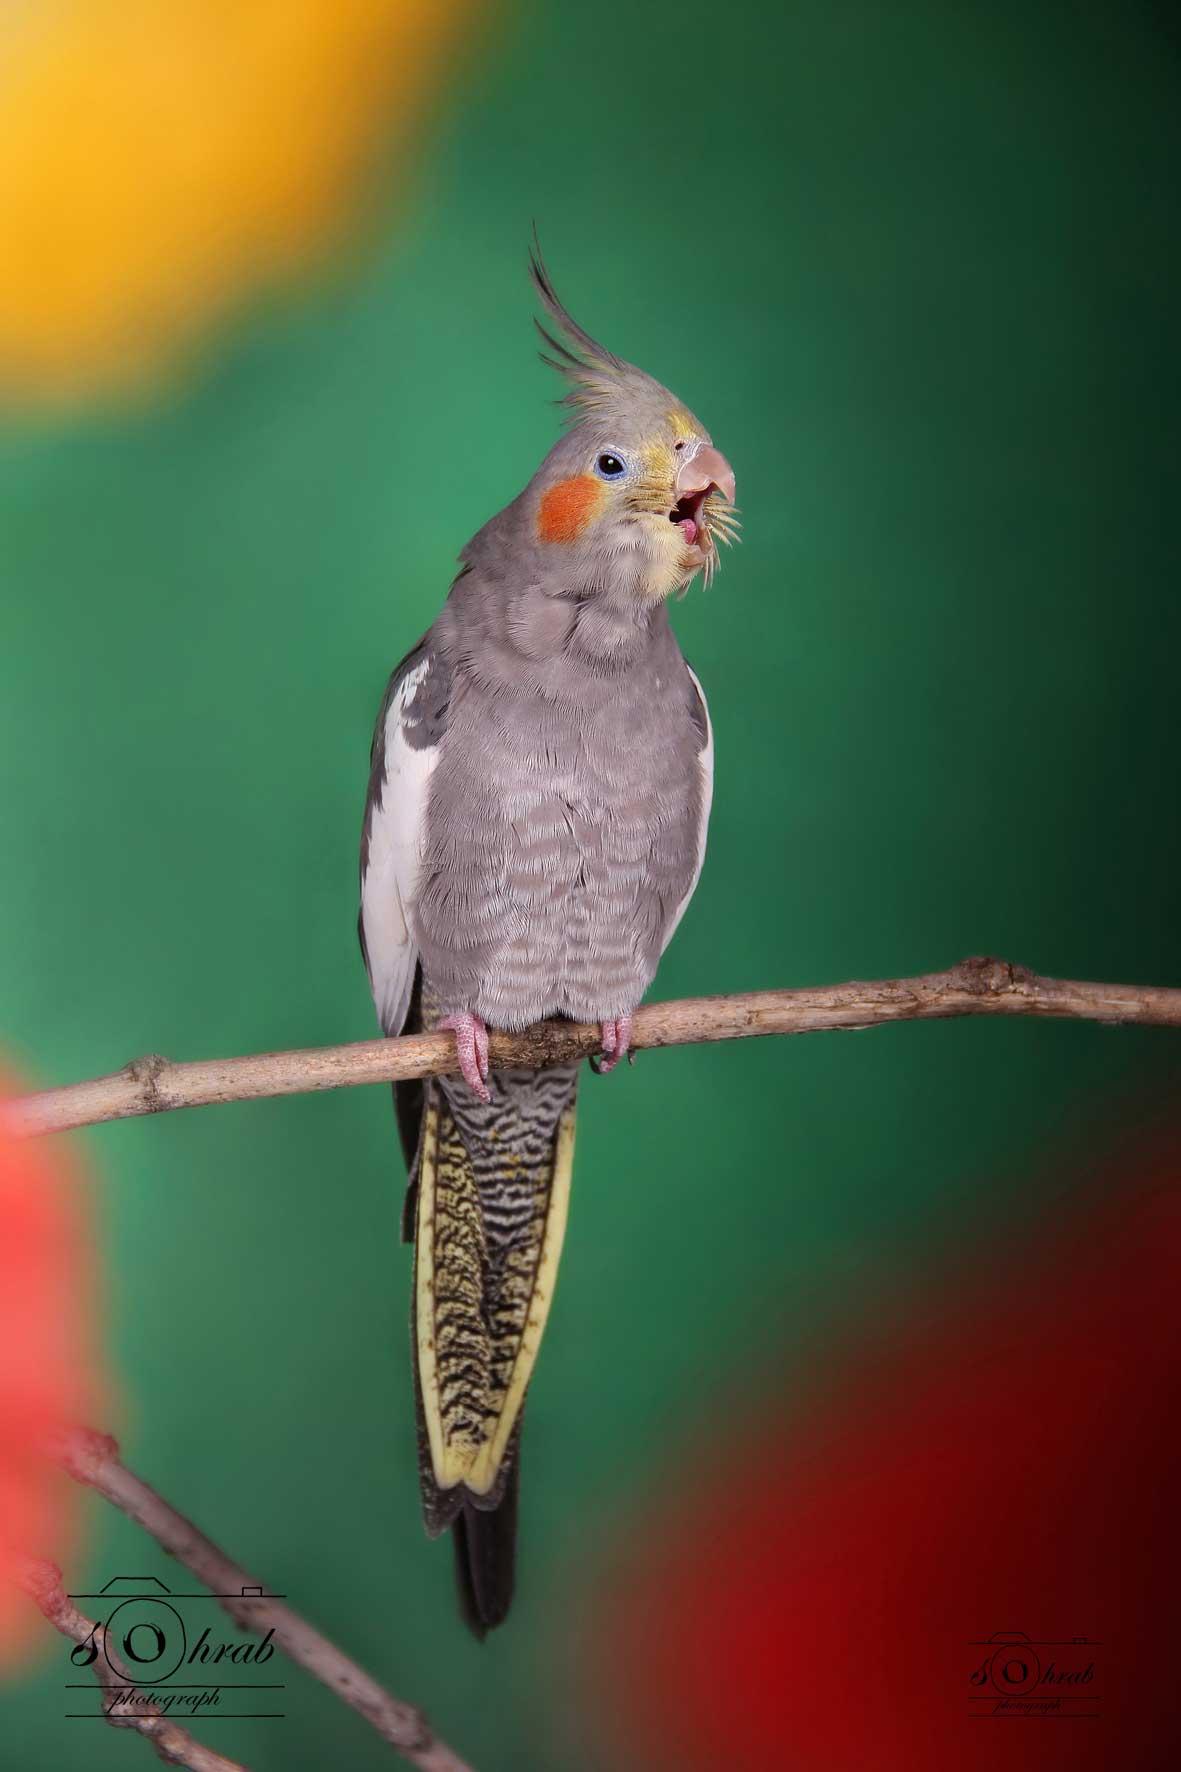 عکاسی از حیوانات خانگی و اهلی گربه سگ قناری بلبل طوطی    Photography of pets and domestic cats canary dog nightingale parrot